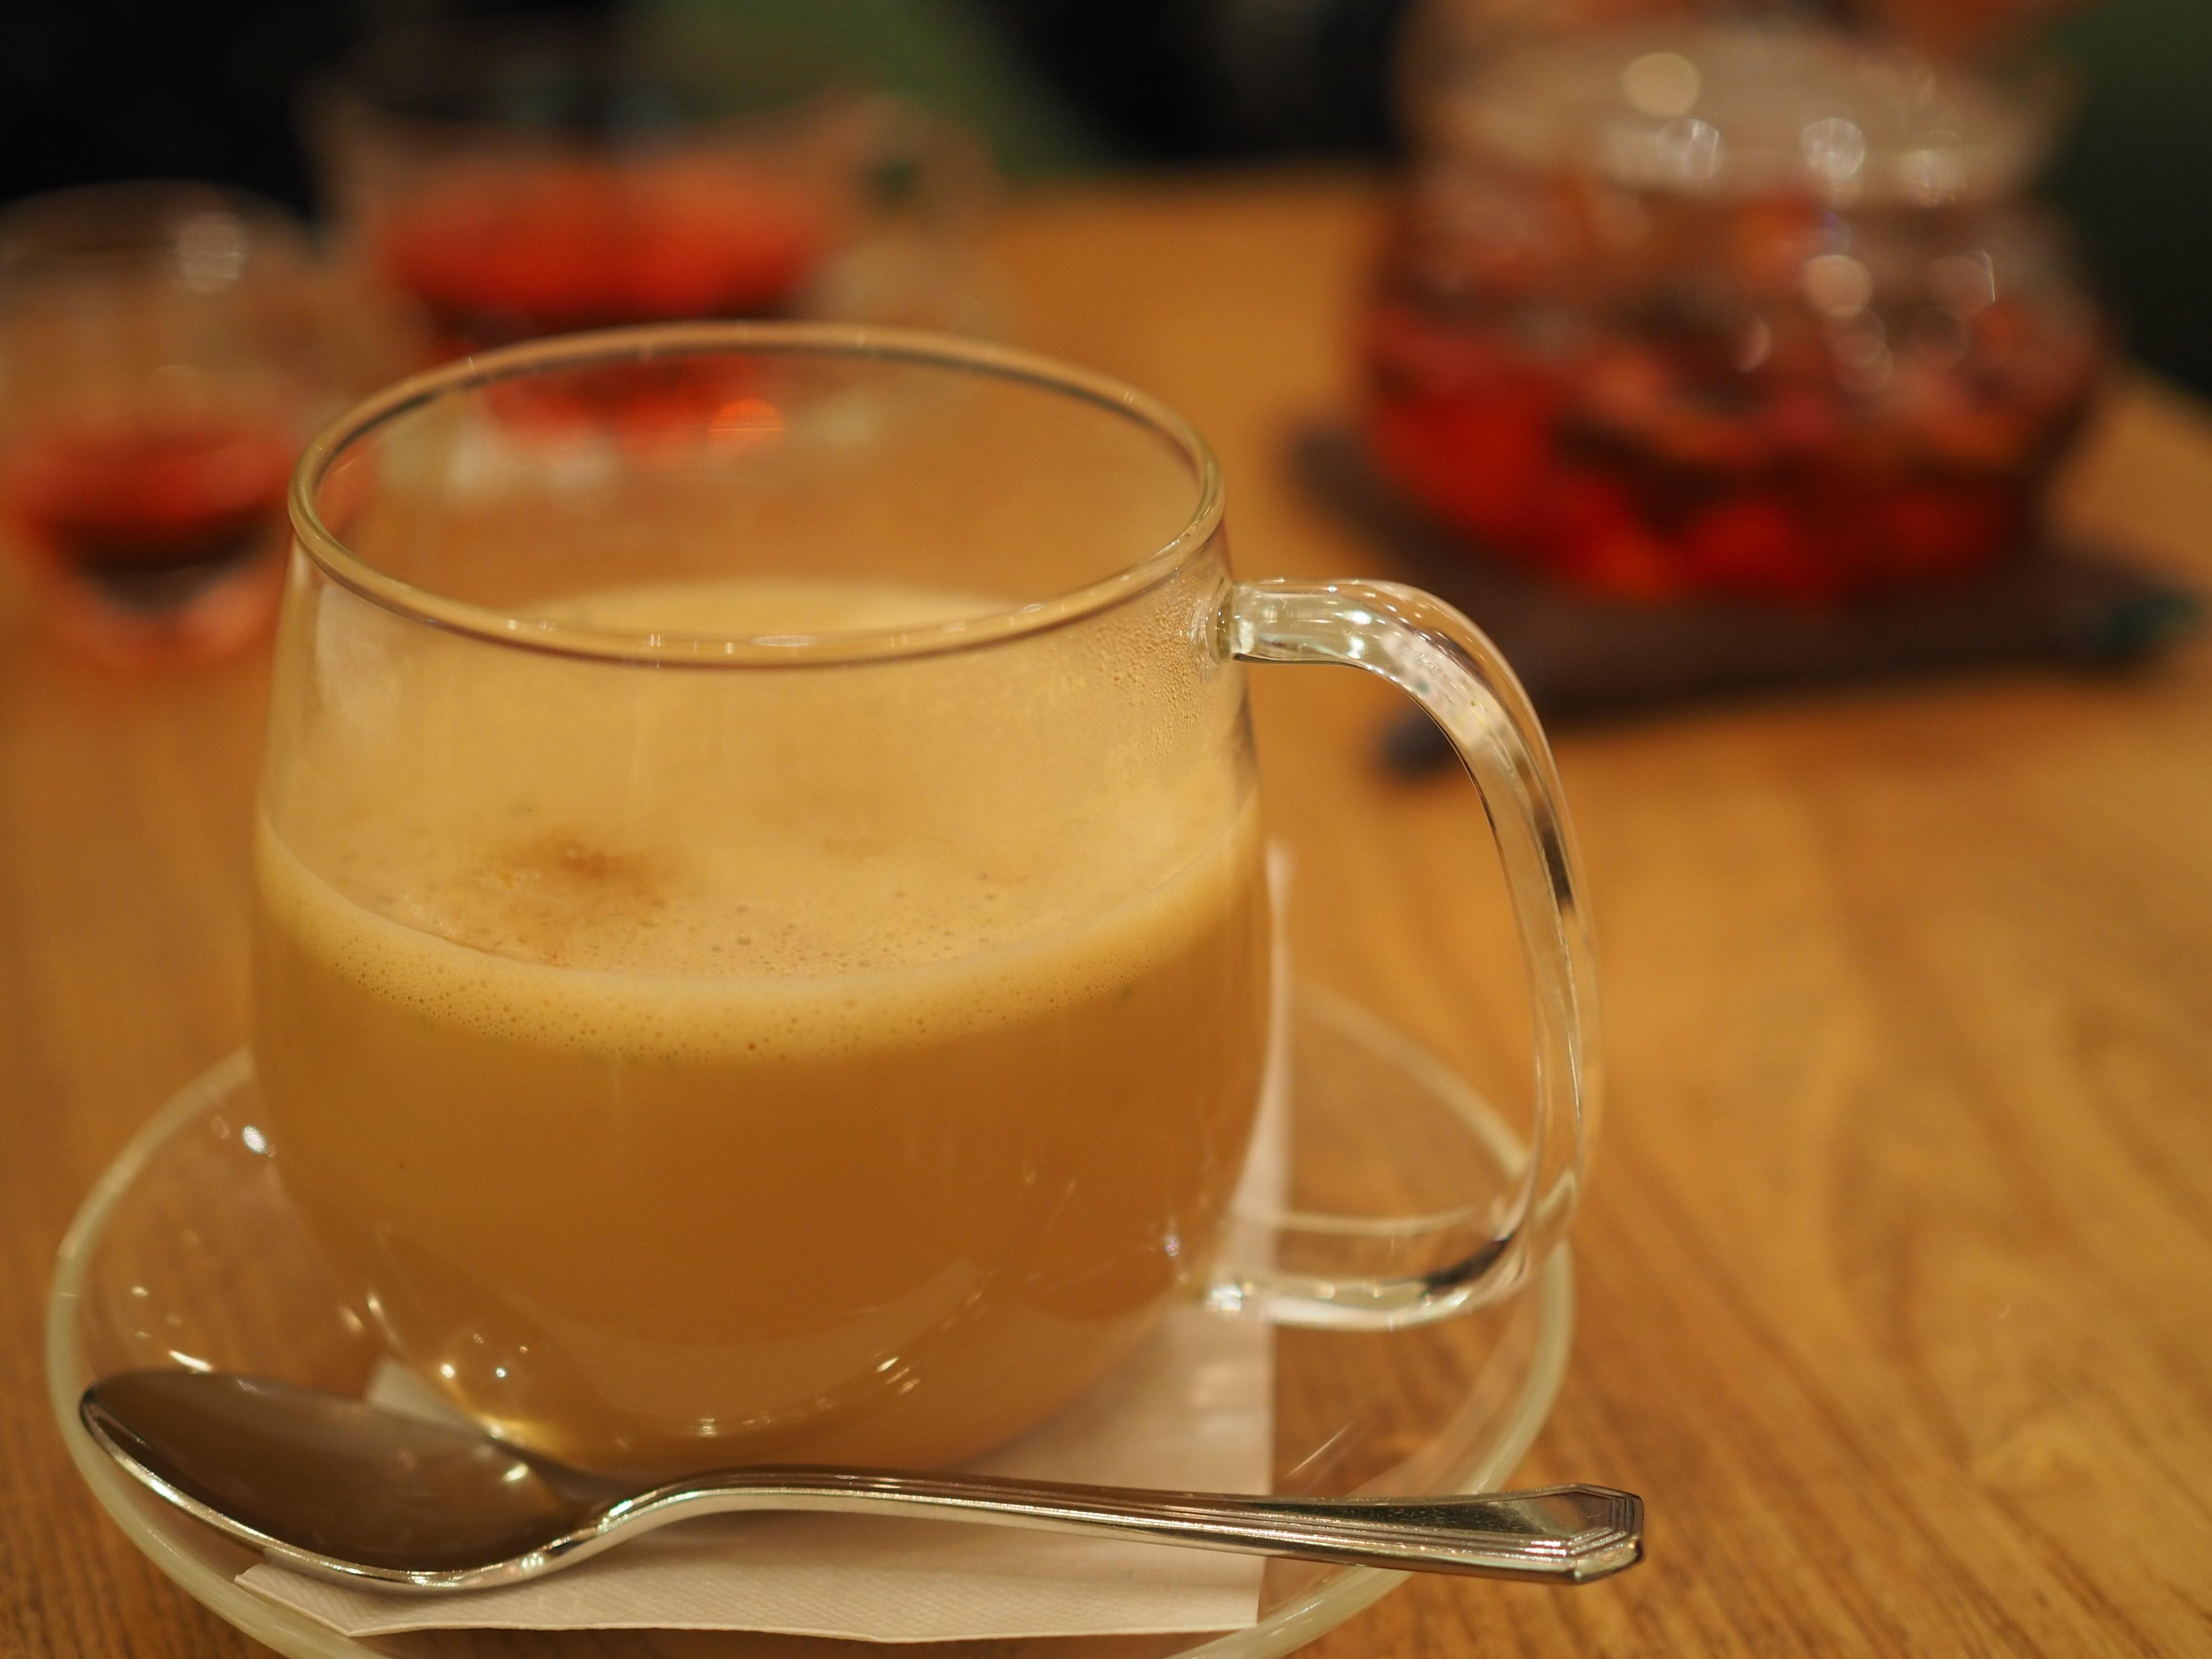 一年に一日だけ!紅茶がどれでも111円で飲める日!